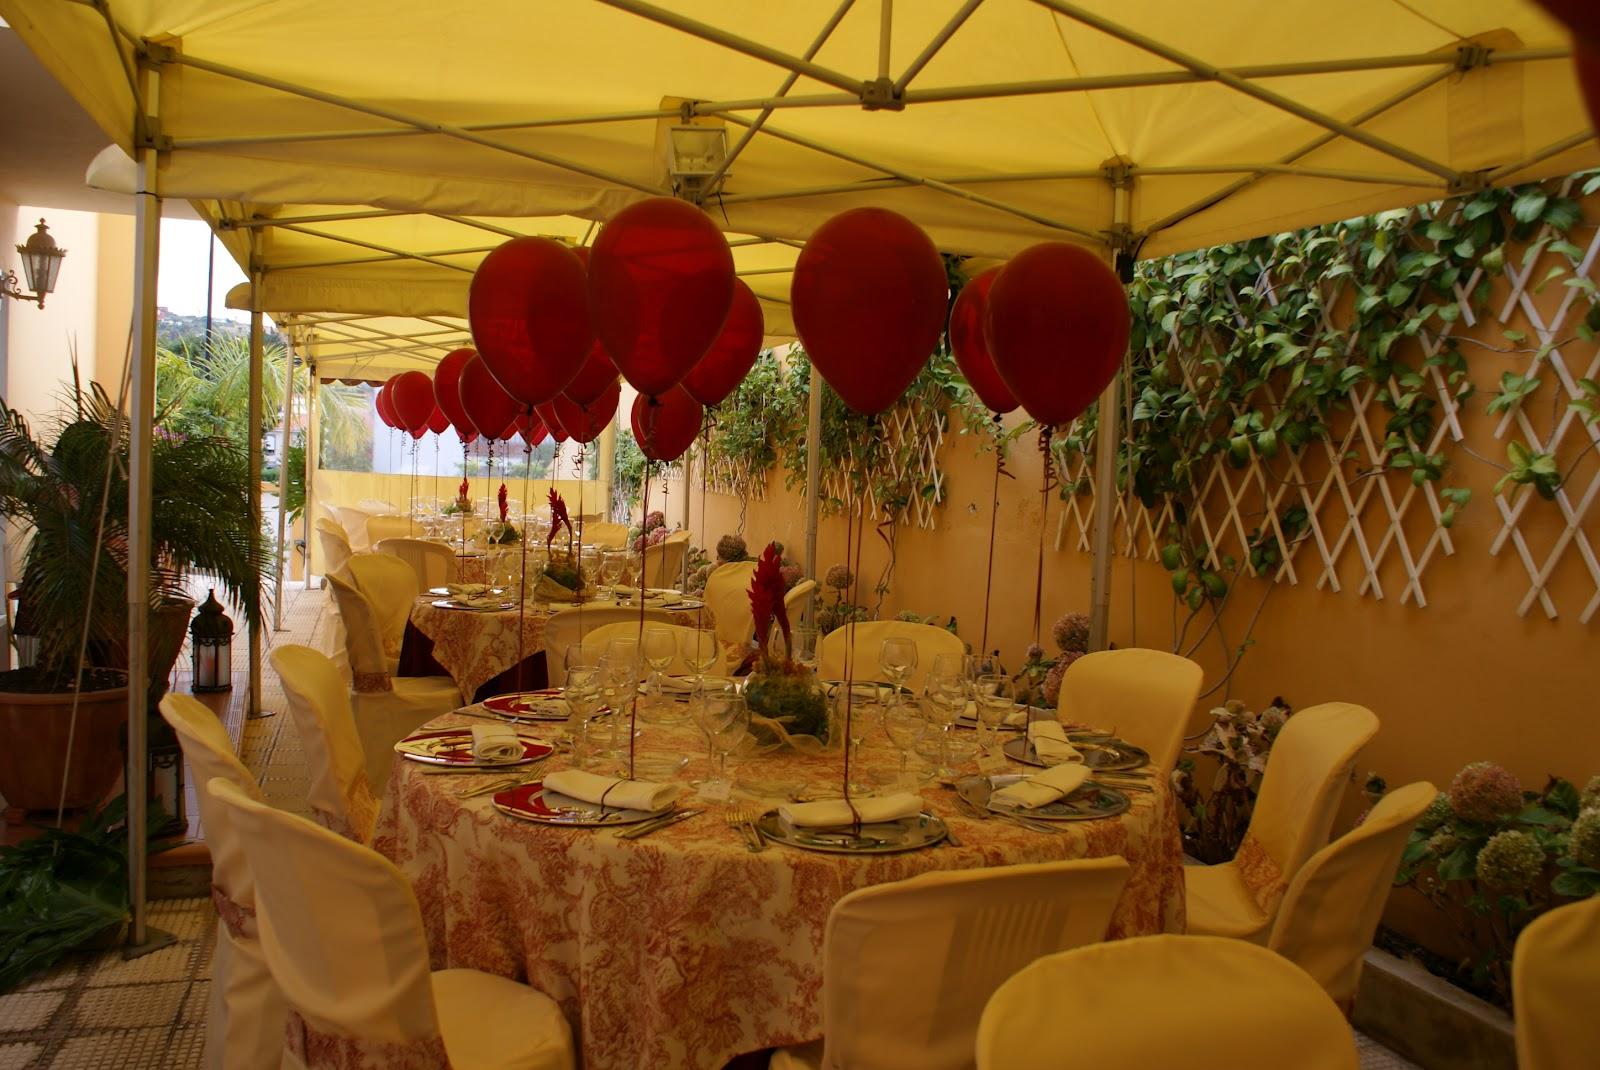 La guarida de bam decorar con globos - Como adornar una fiesta de cumpleanos ...